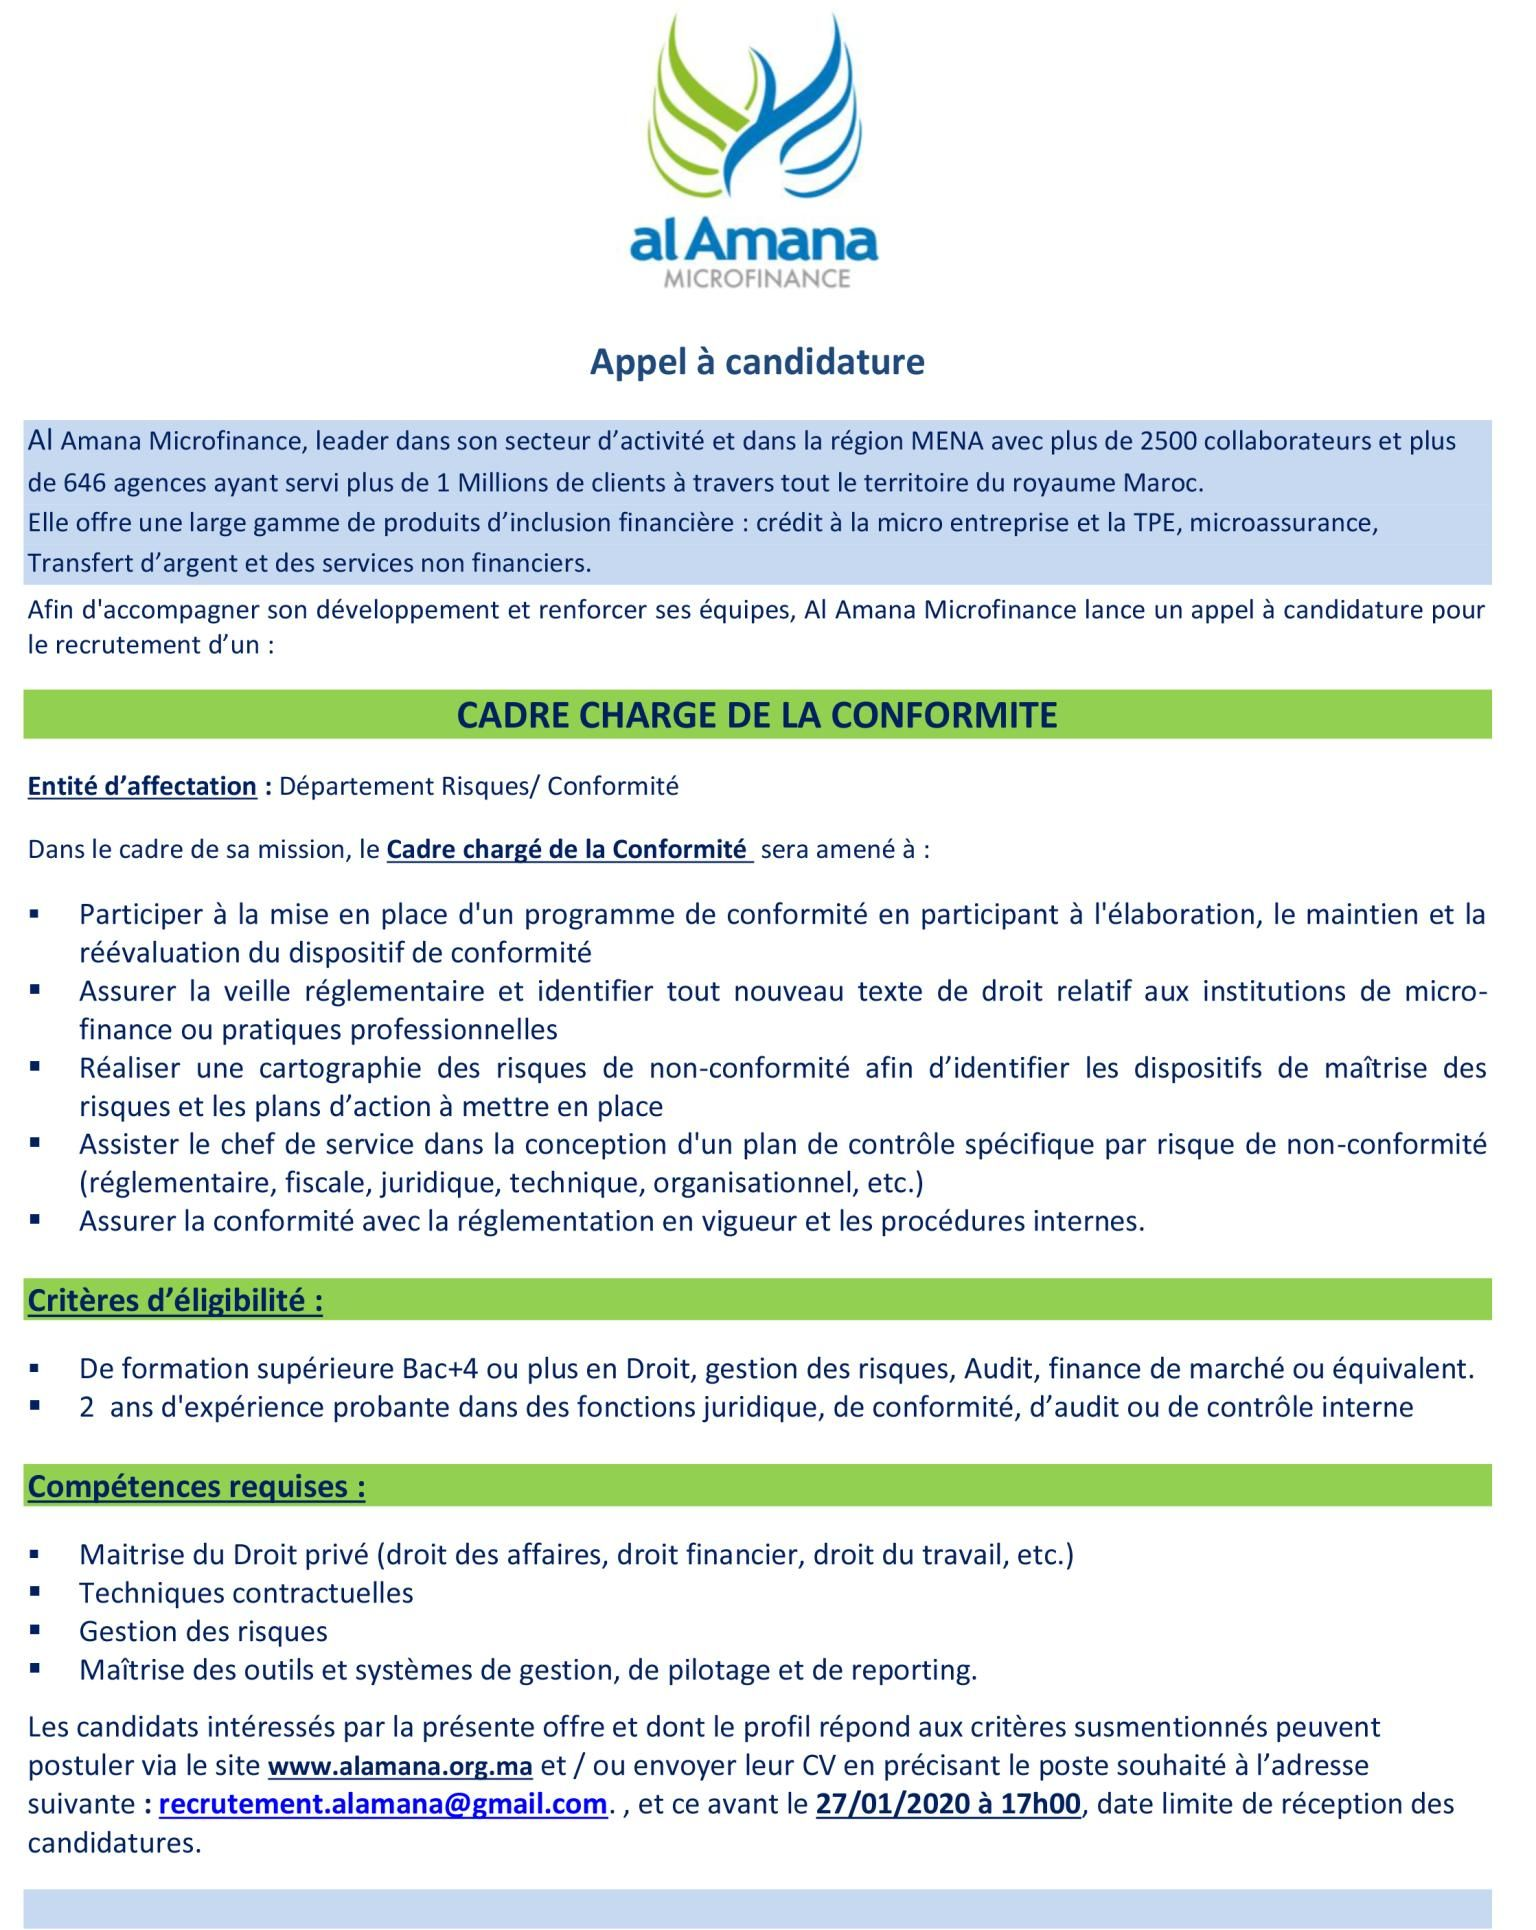 الأمانة للتمويل الأصغر تعلن عن حملة توظيف في عدة تخصصات Amana